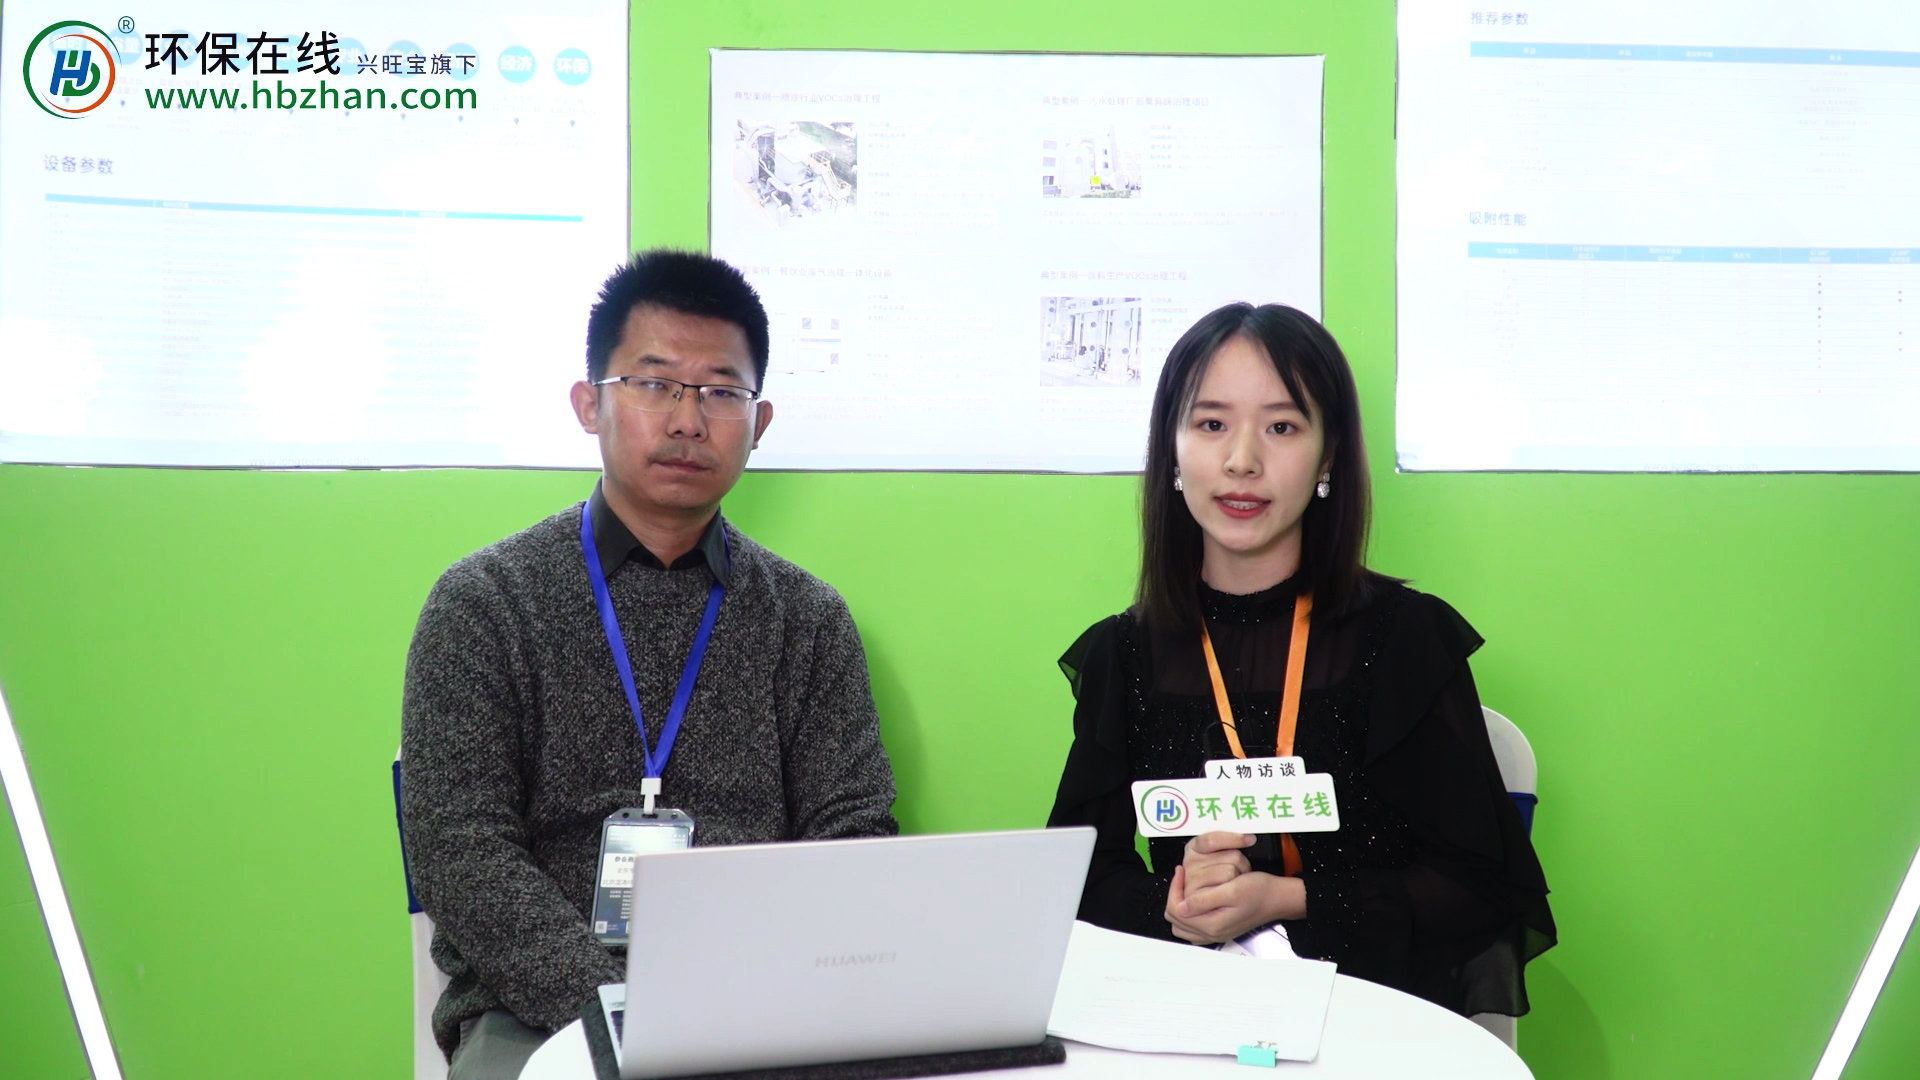 專訪︰北京瀧濤環境科技有限公司史東軍博士